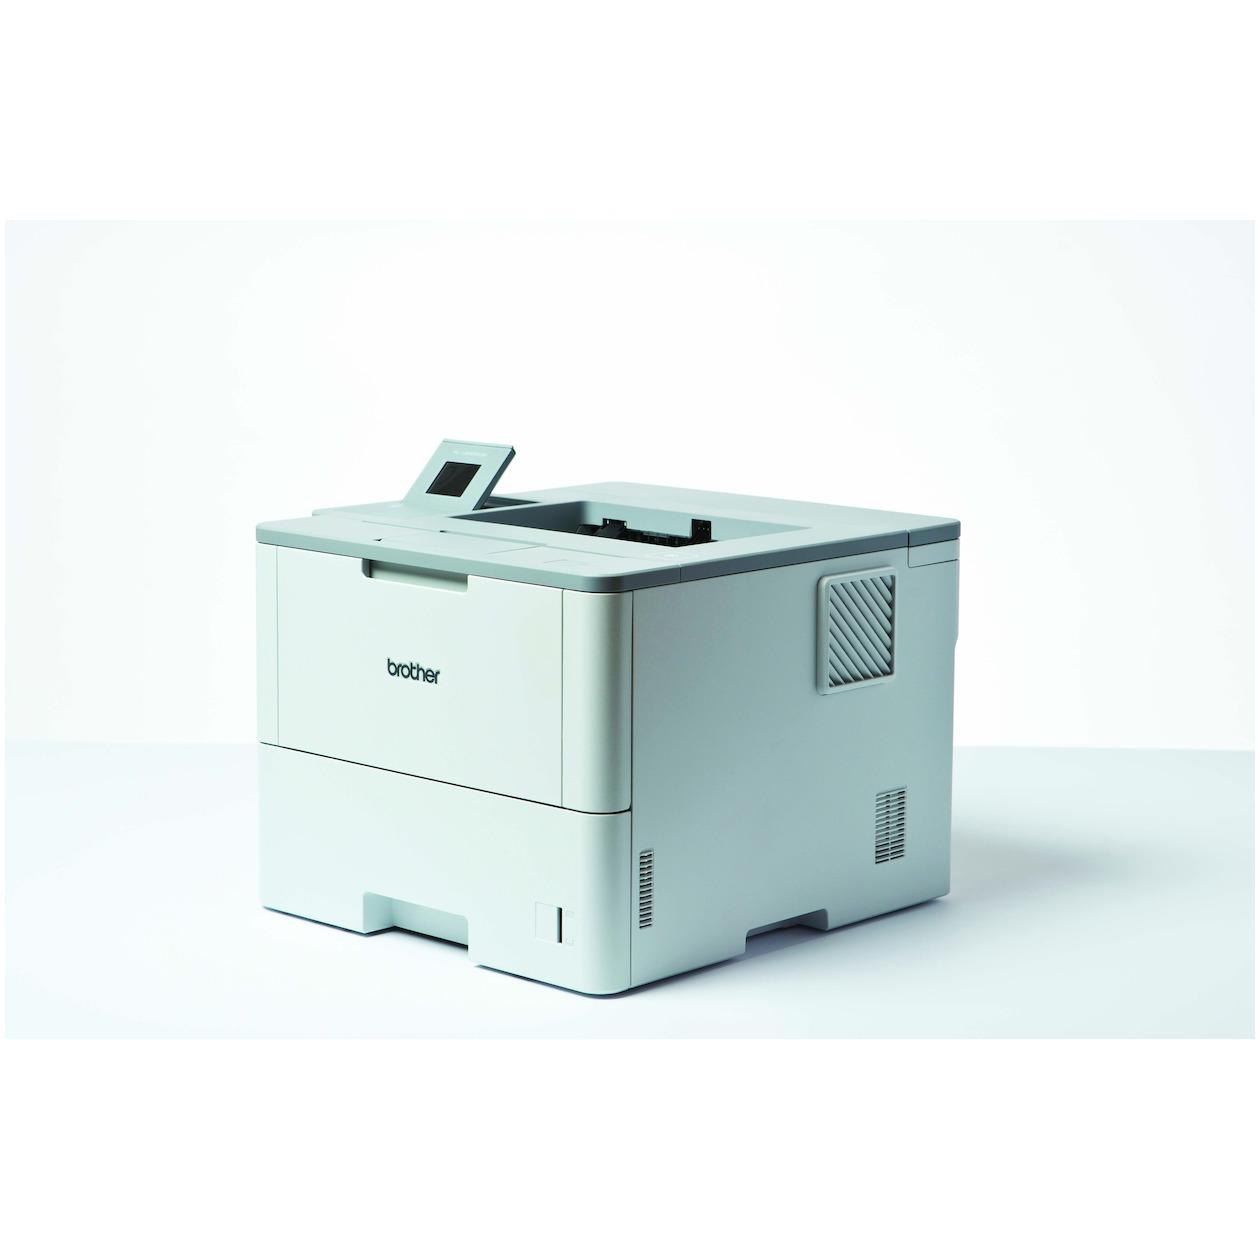 Brother laser printer HL-L6400DW